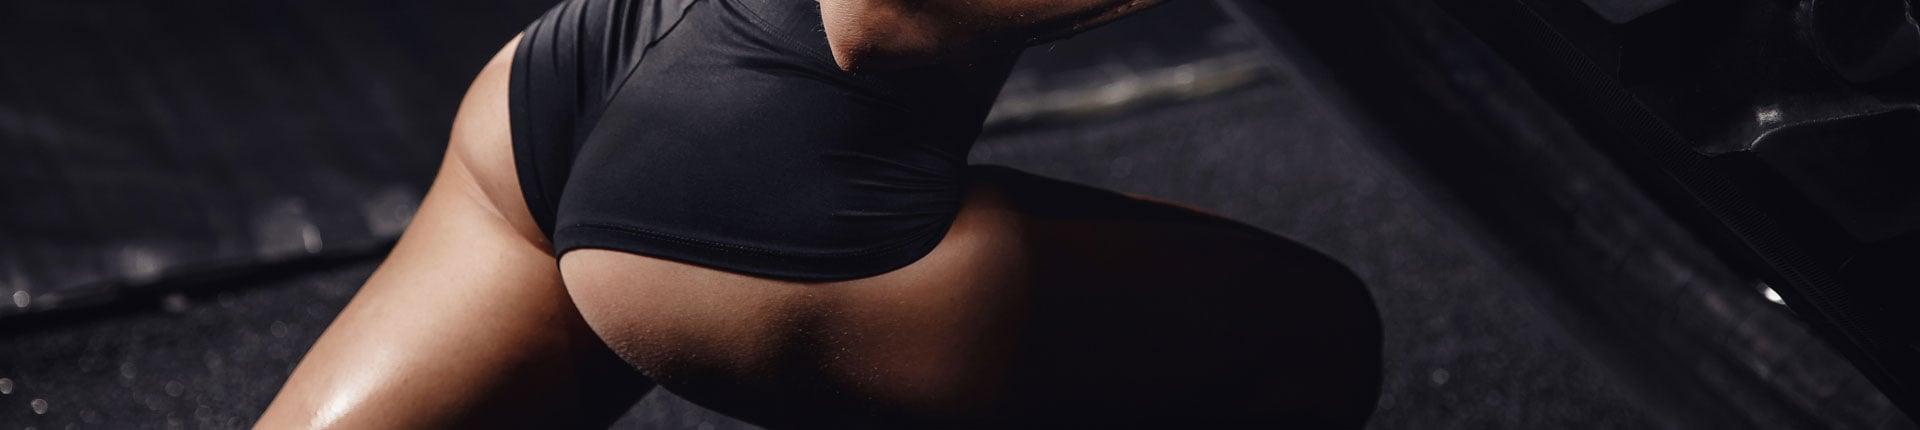 Z czym warto łączyć spalacze tłuszczu? Jakie suplementy wybrać?